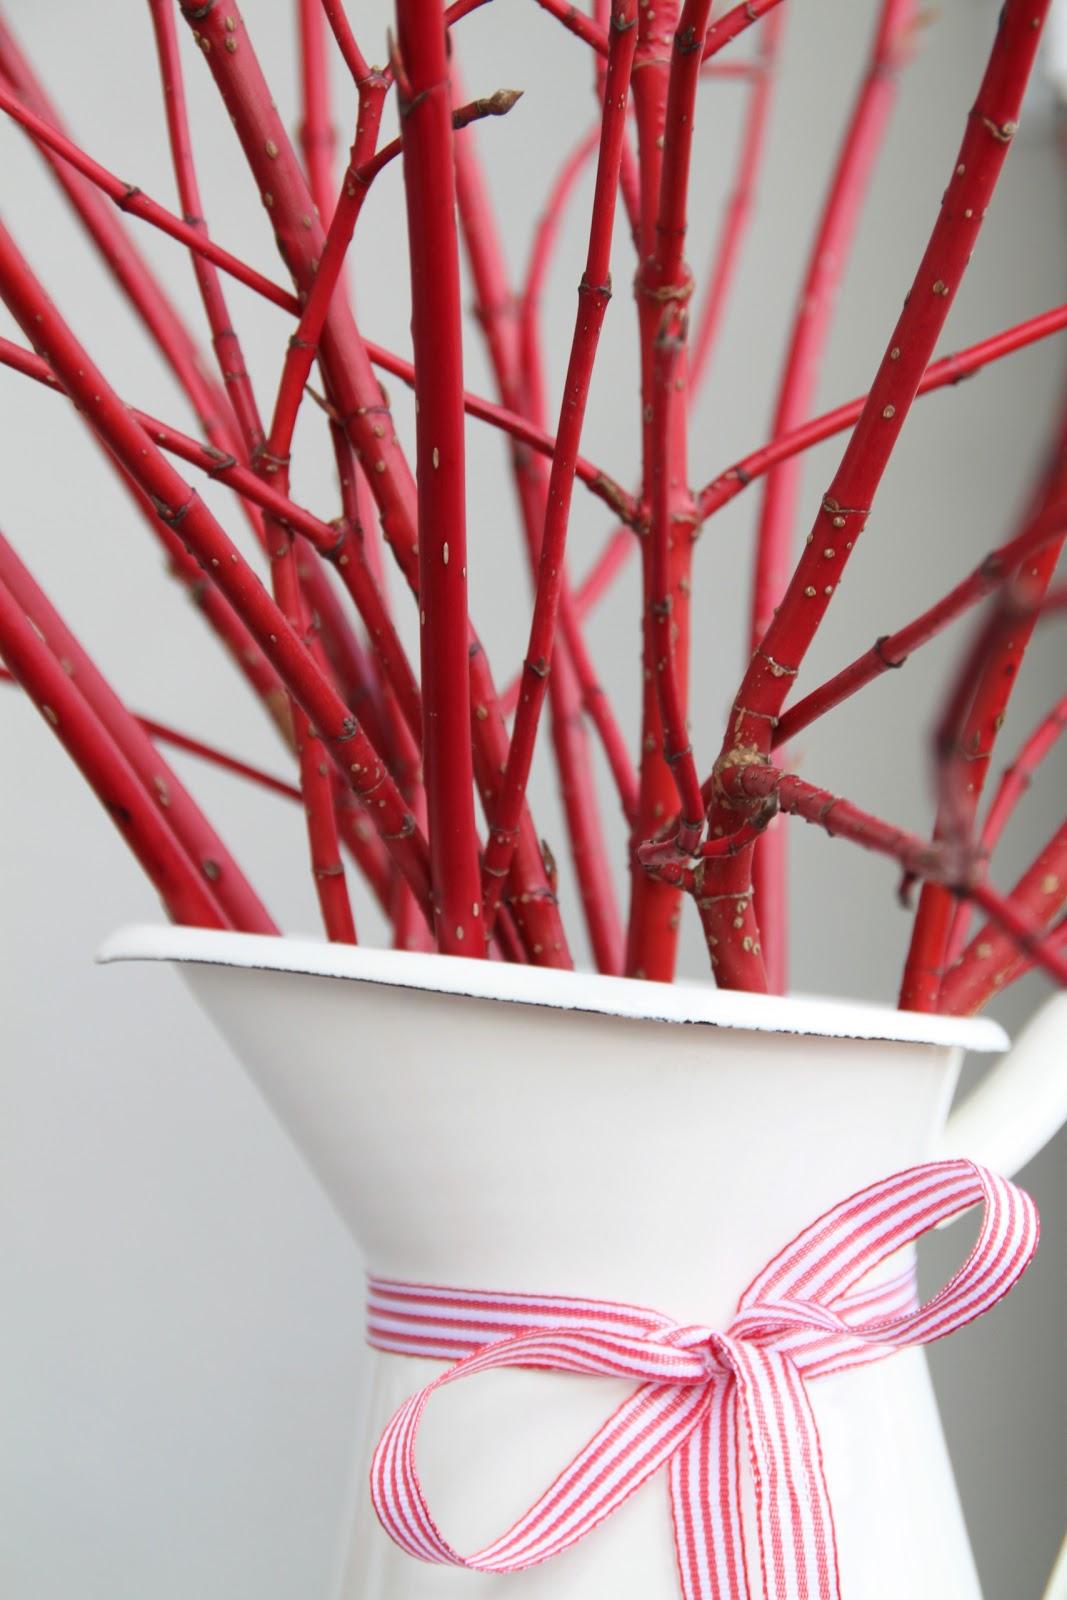 heimlichkeiten der purpurfarbene weihnachtsstrauss roter hartriegel. Black Bedroom Furniture Sets. Home Design Ideas